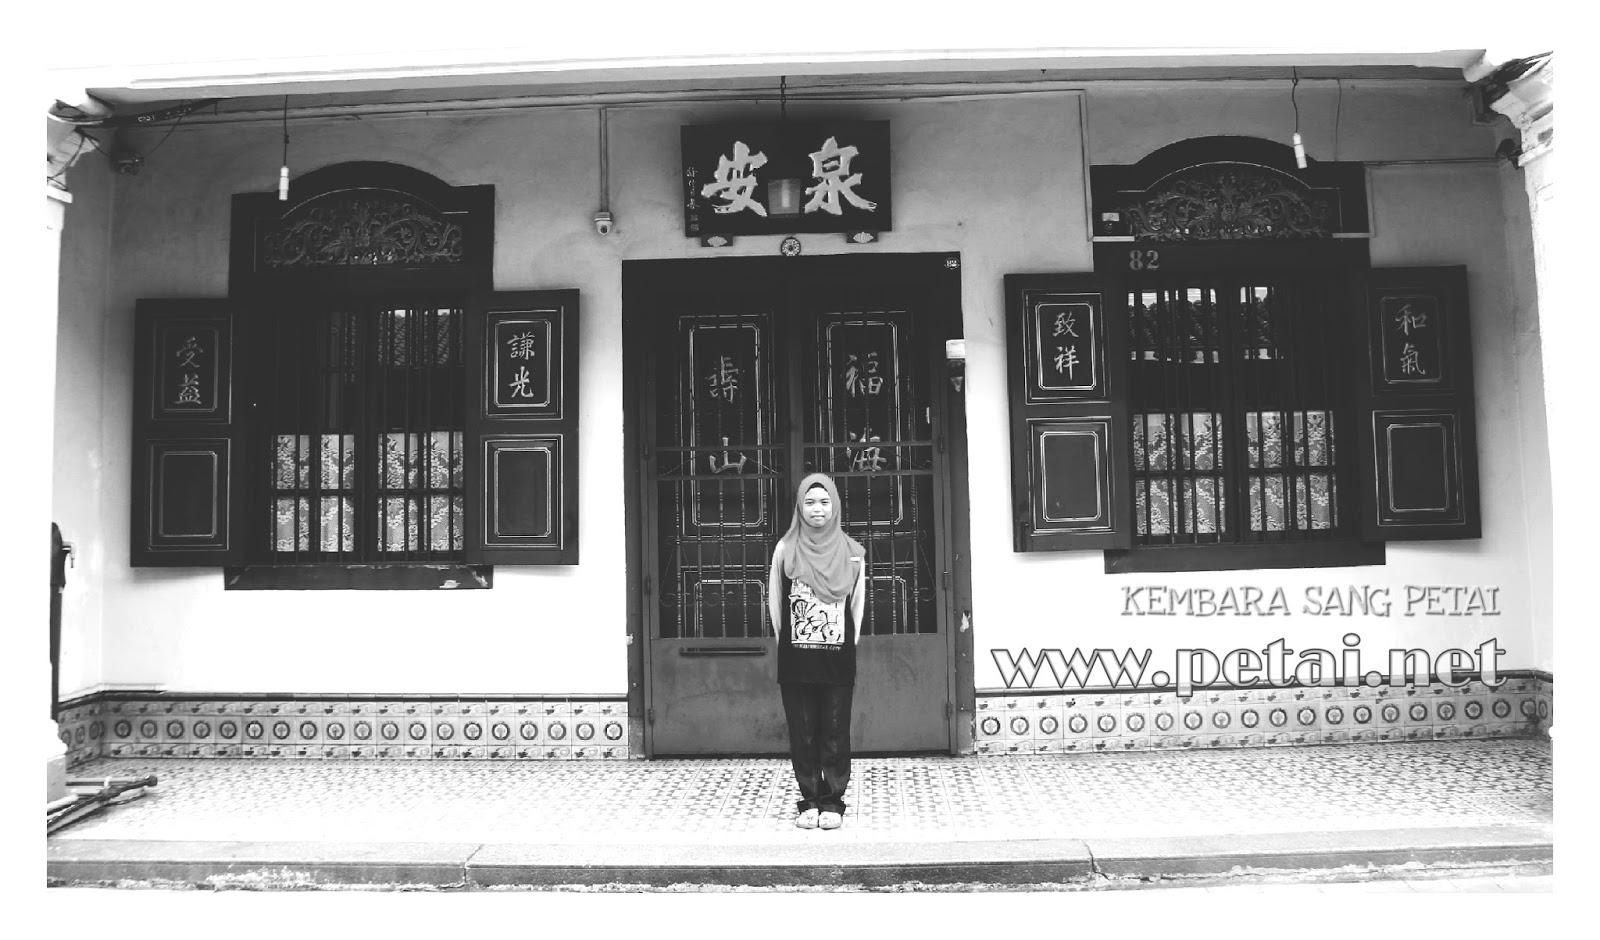 Bangunan lama di Jonker Street, Melaka